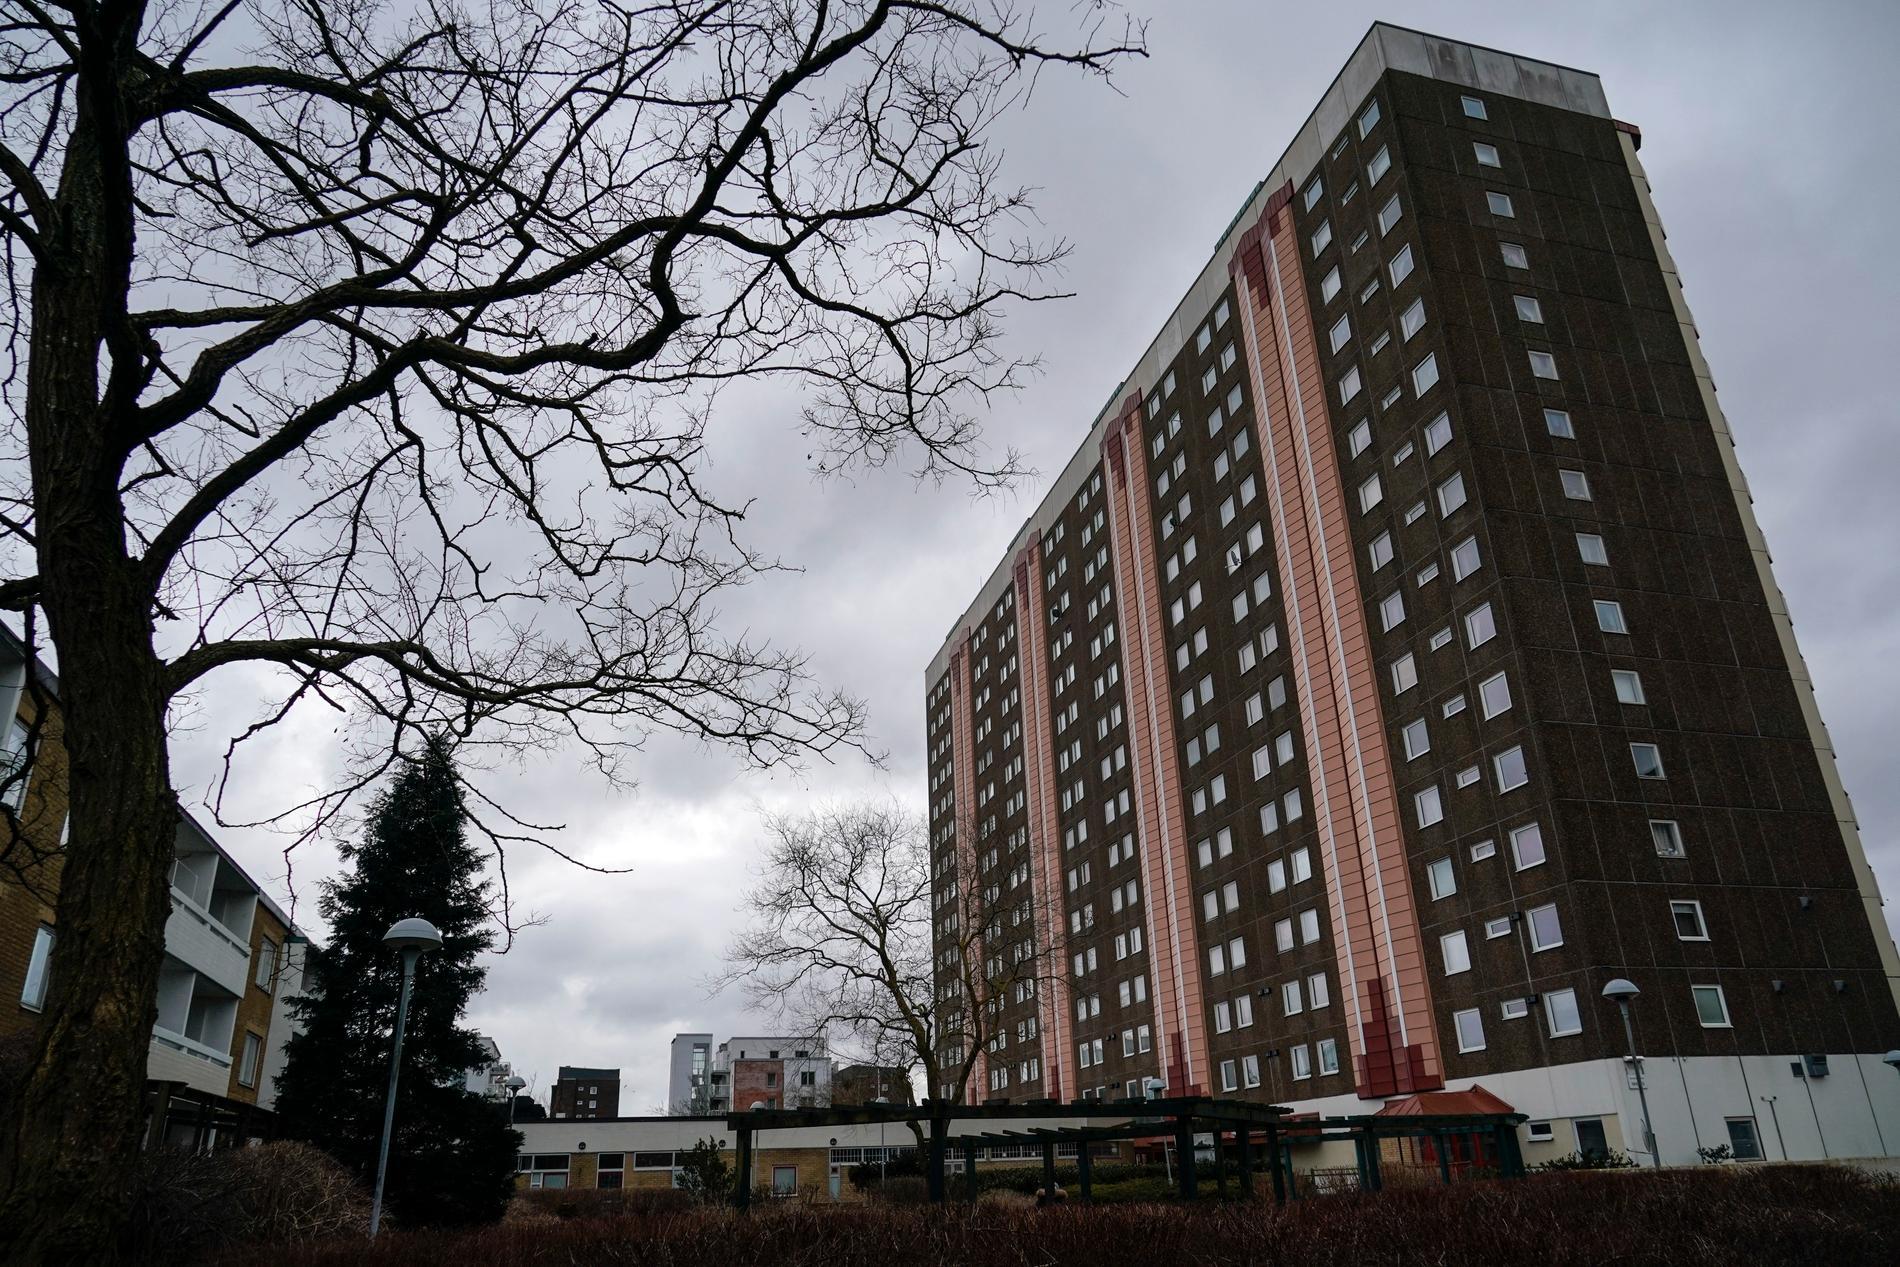 Enligt åtalet utsattes en kvinna för gruppvåldtäkt i en föreningslokal i Malmöstadsdelen Lindängen i februari. Arkivbild.